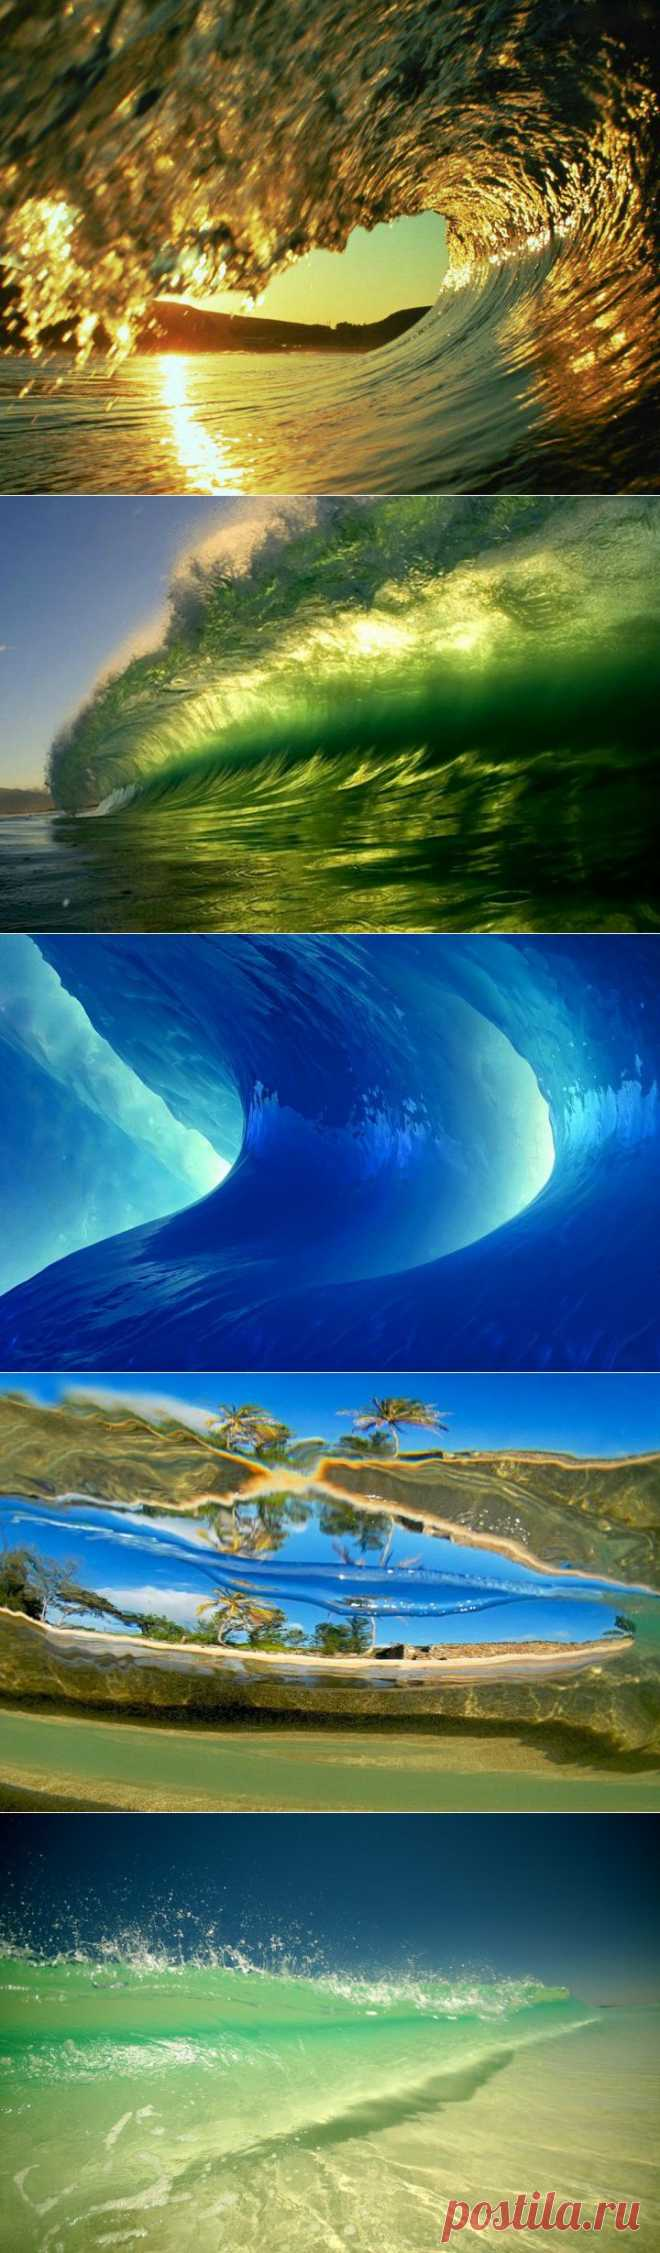 Las fotografías de las ondas y las ONDAS | el TURISMO Y el DESCANSO